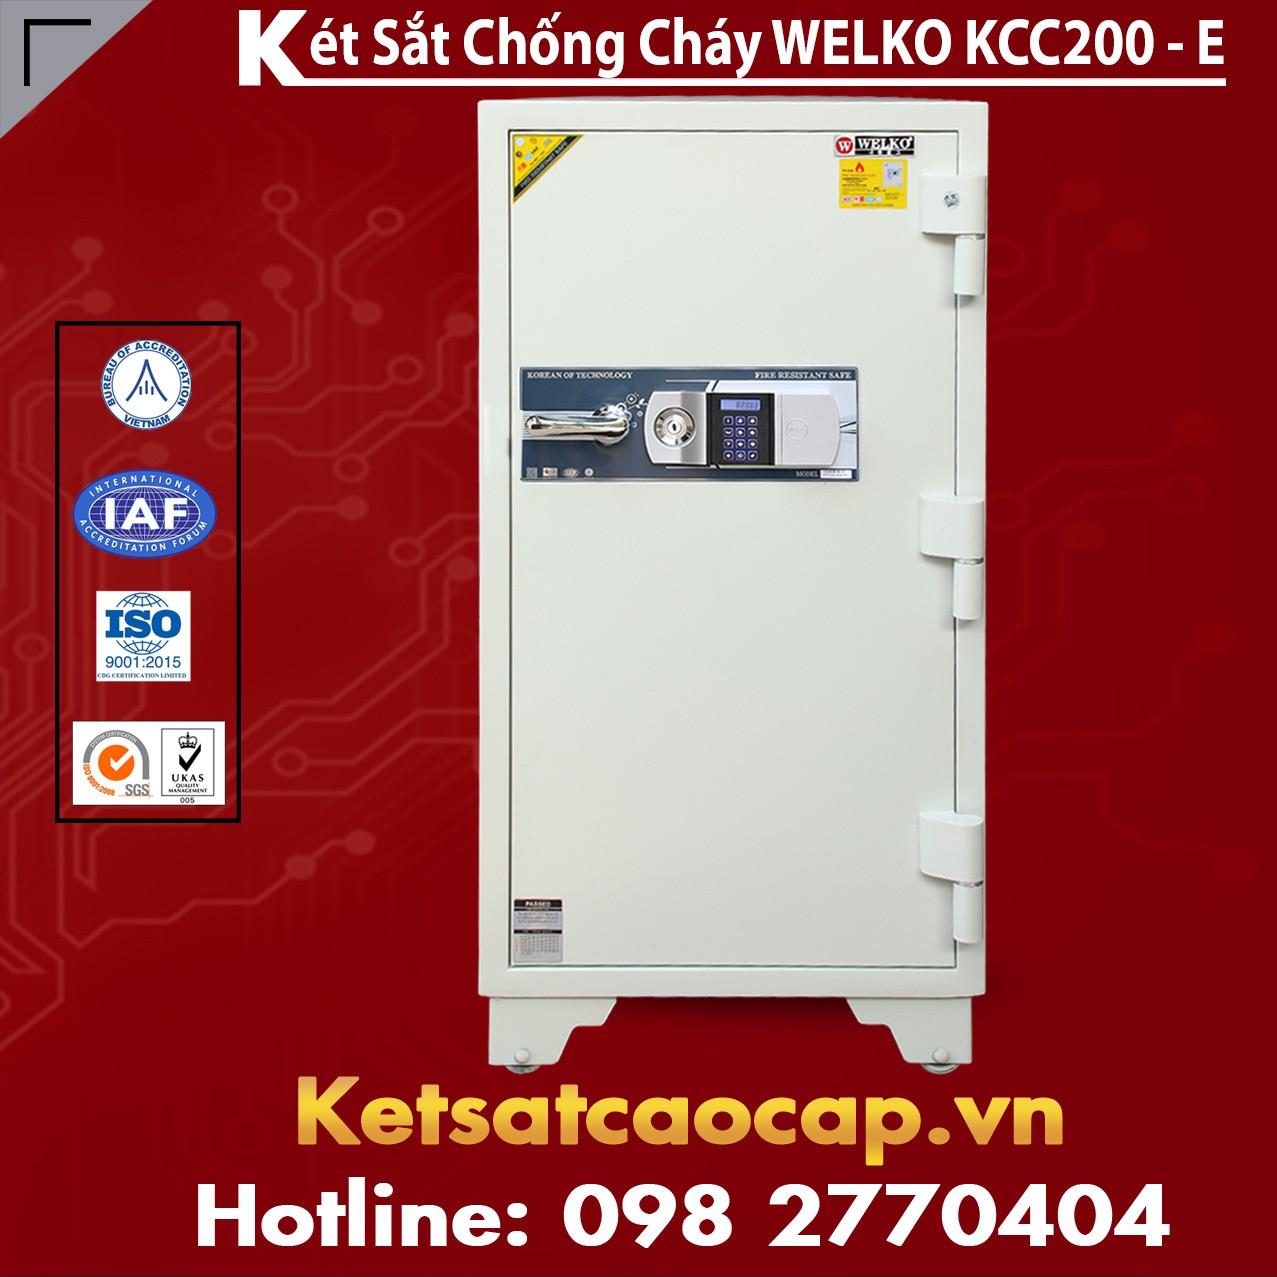 Két Sắt Giá Rẻ KCC200 E Silver - White